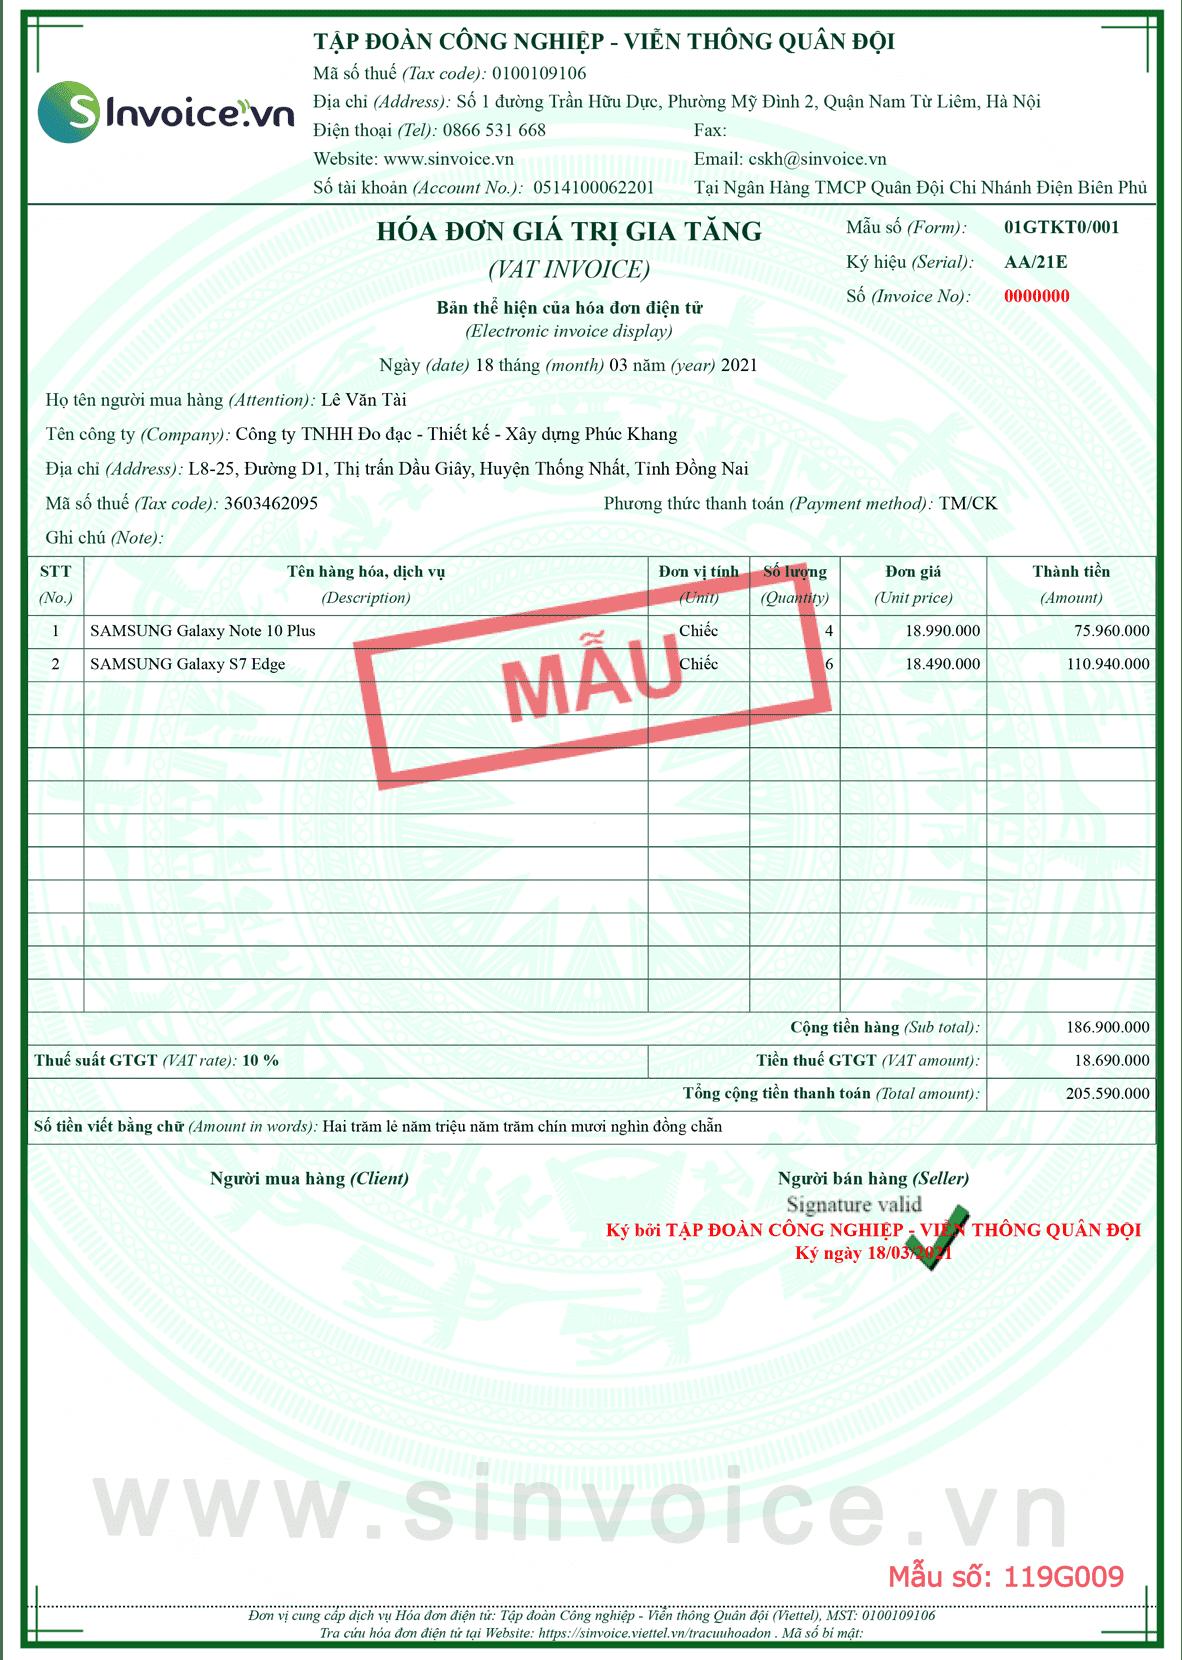 Mẫu hóa đơn điện tử số 119G009